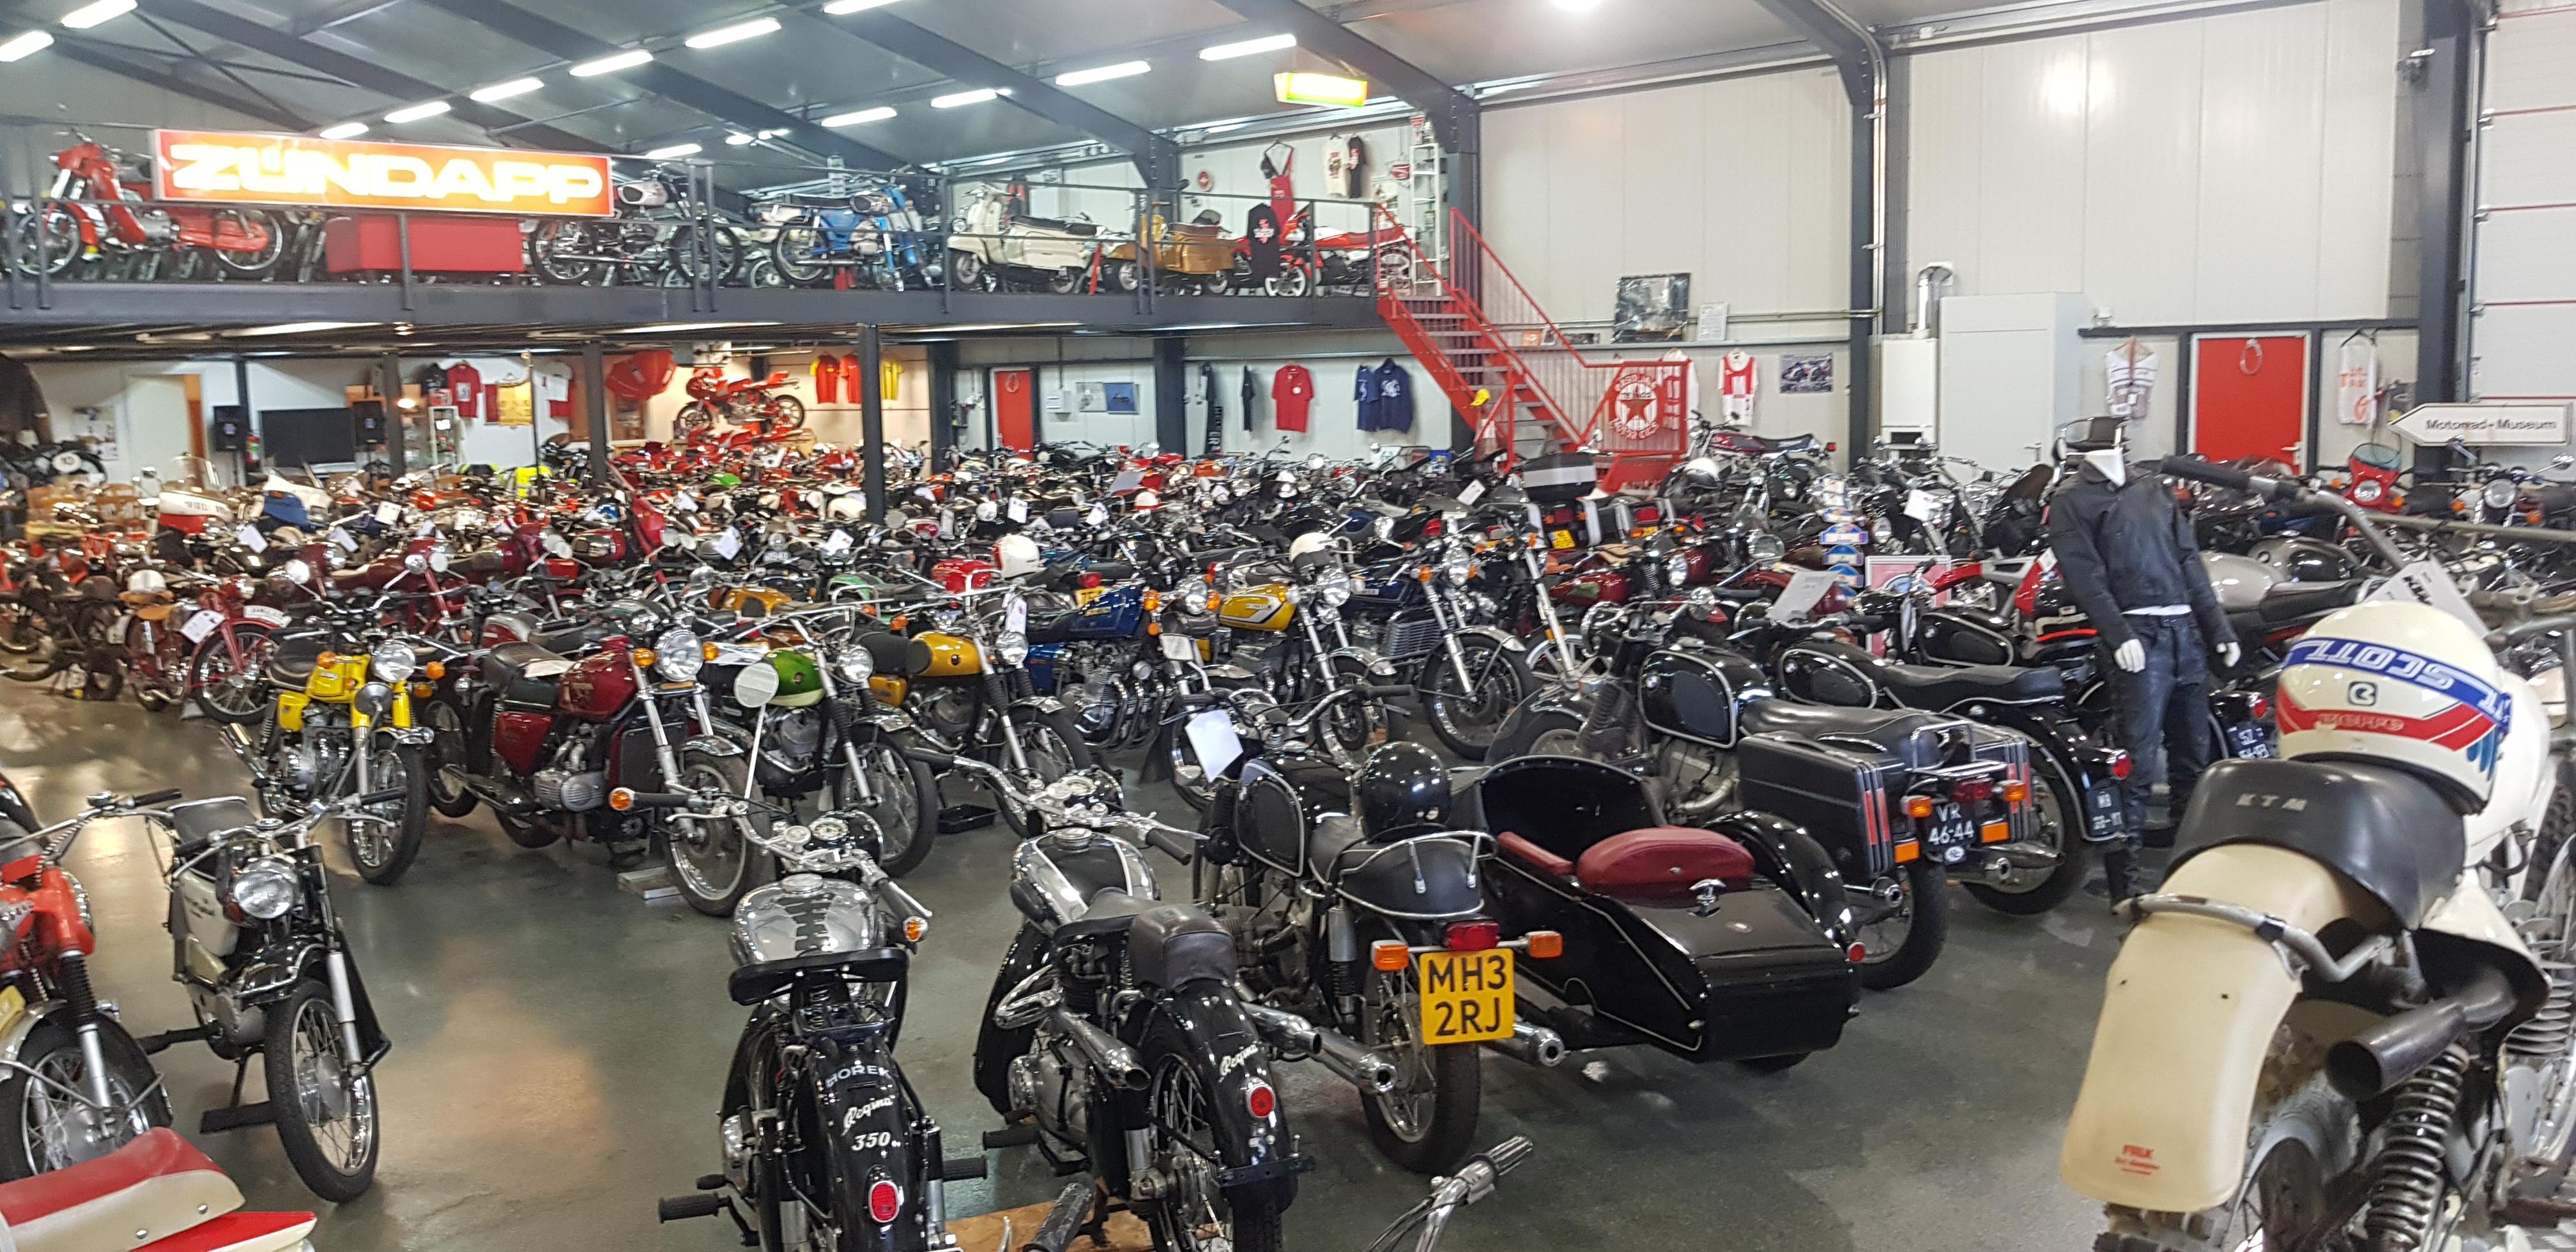 Brommer-en-motormuseum-Wigchers-Schoonoord-verzameling